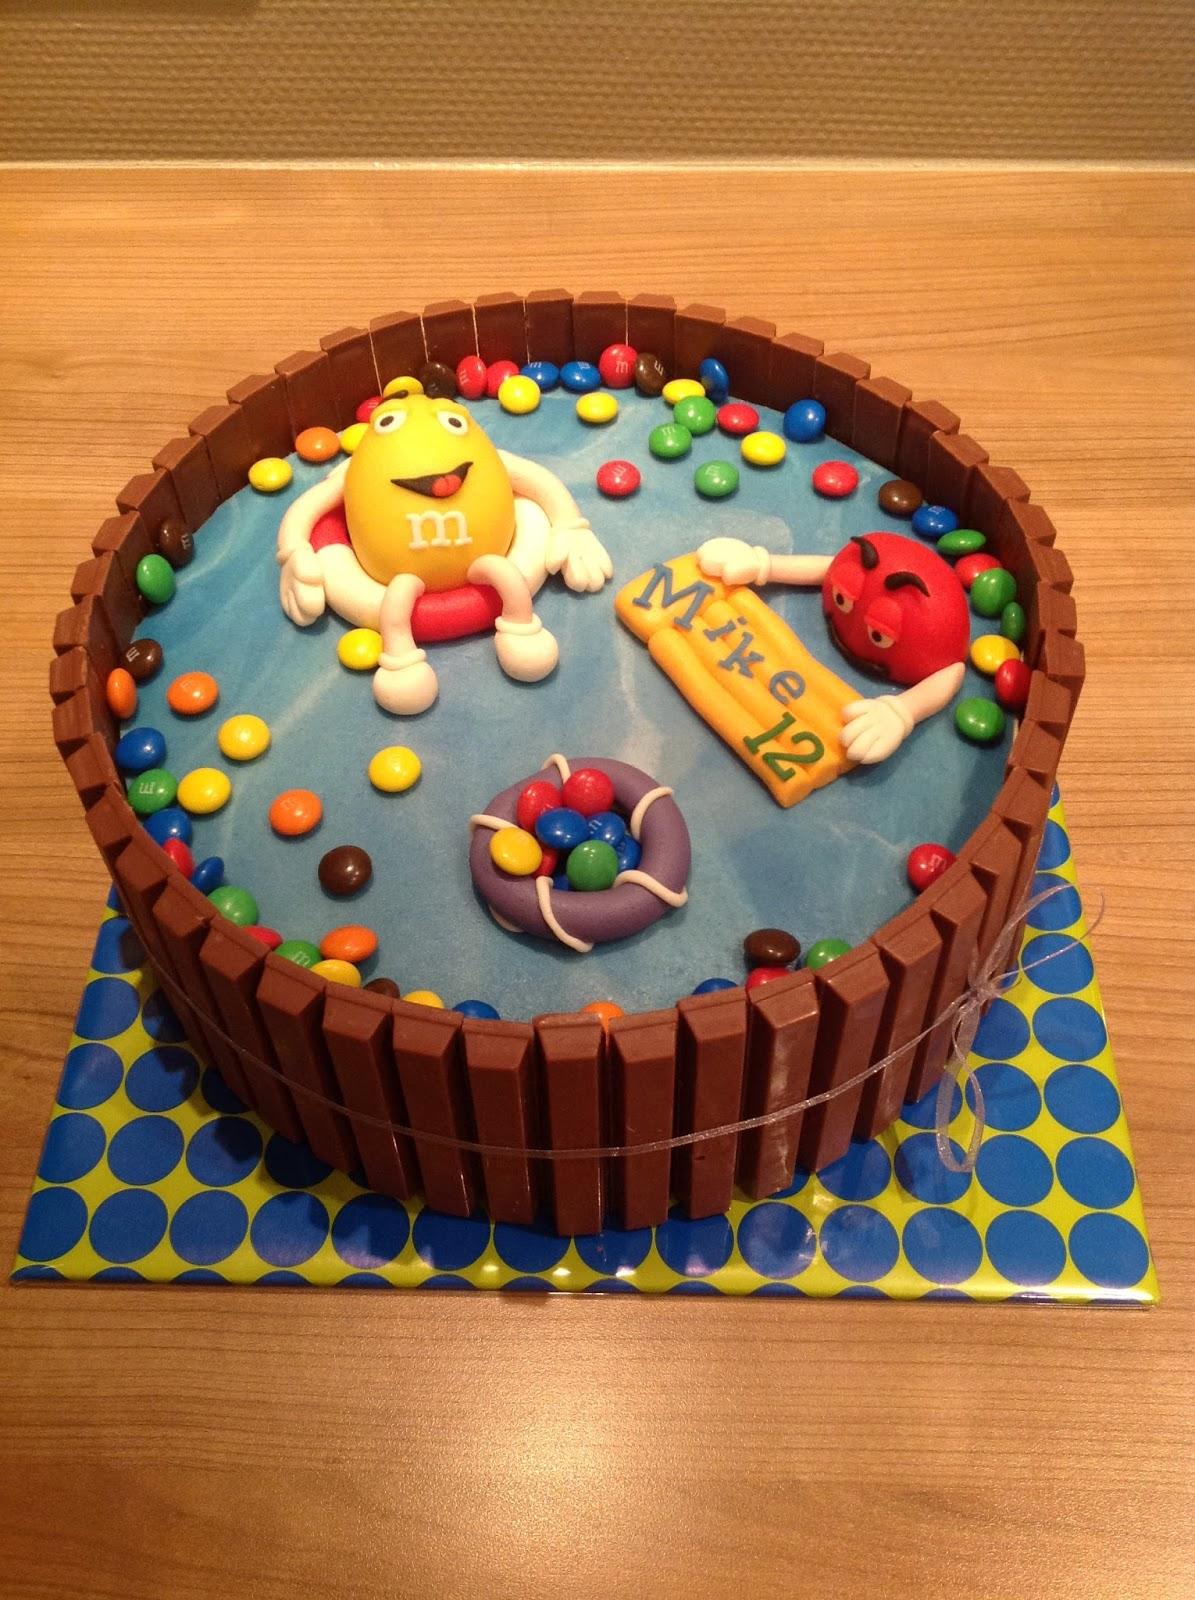 mooie taart bakken Grappige Taart Maken   ARCHIDEV mooie taart bakken